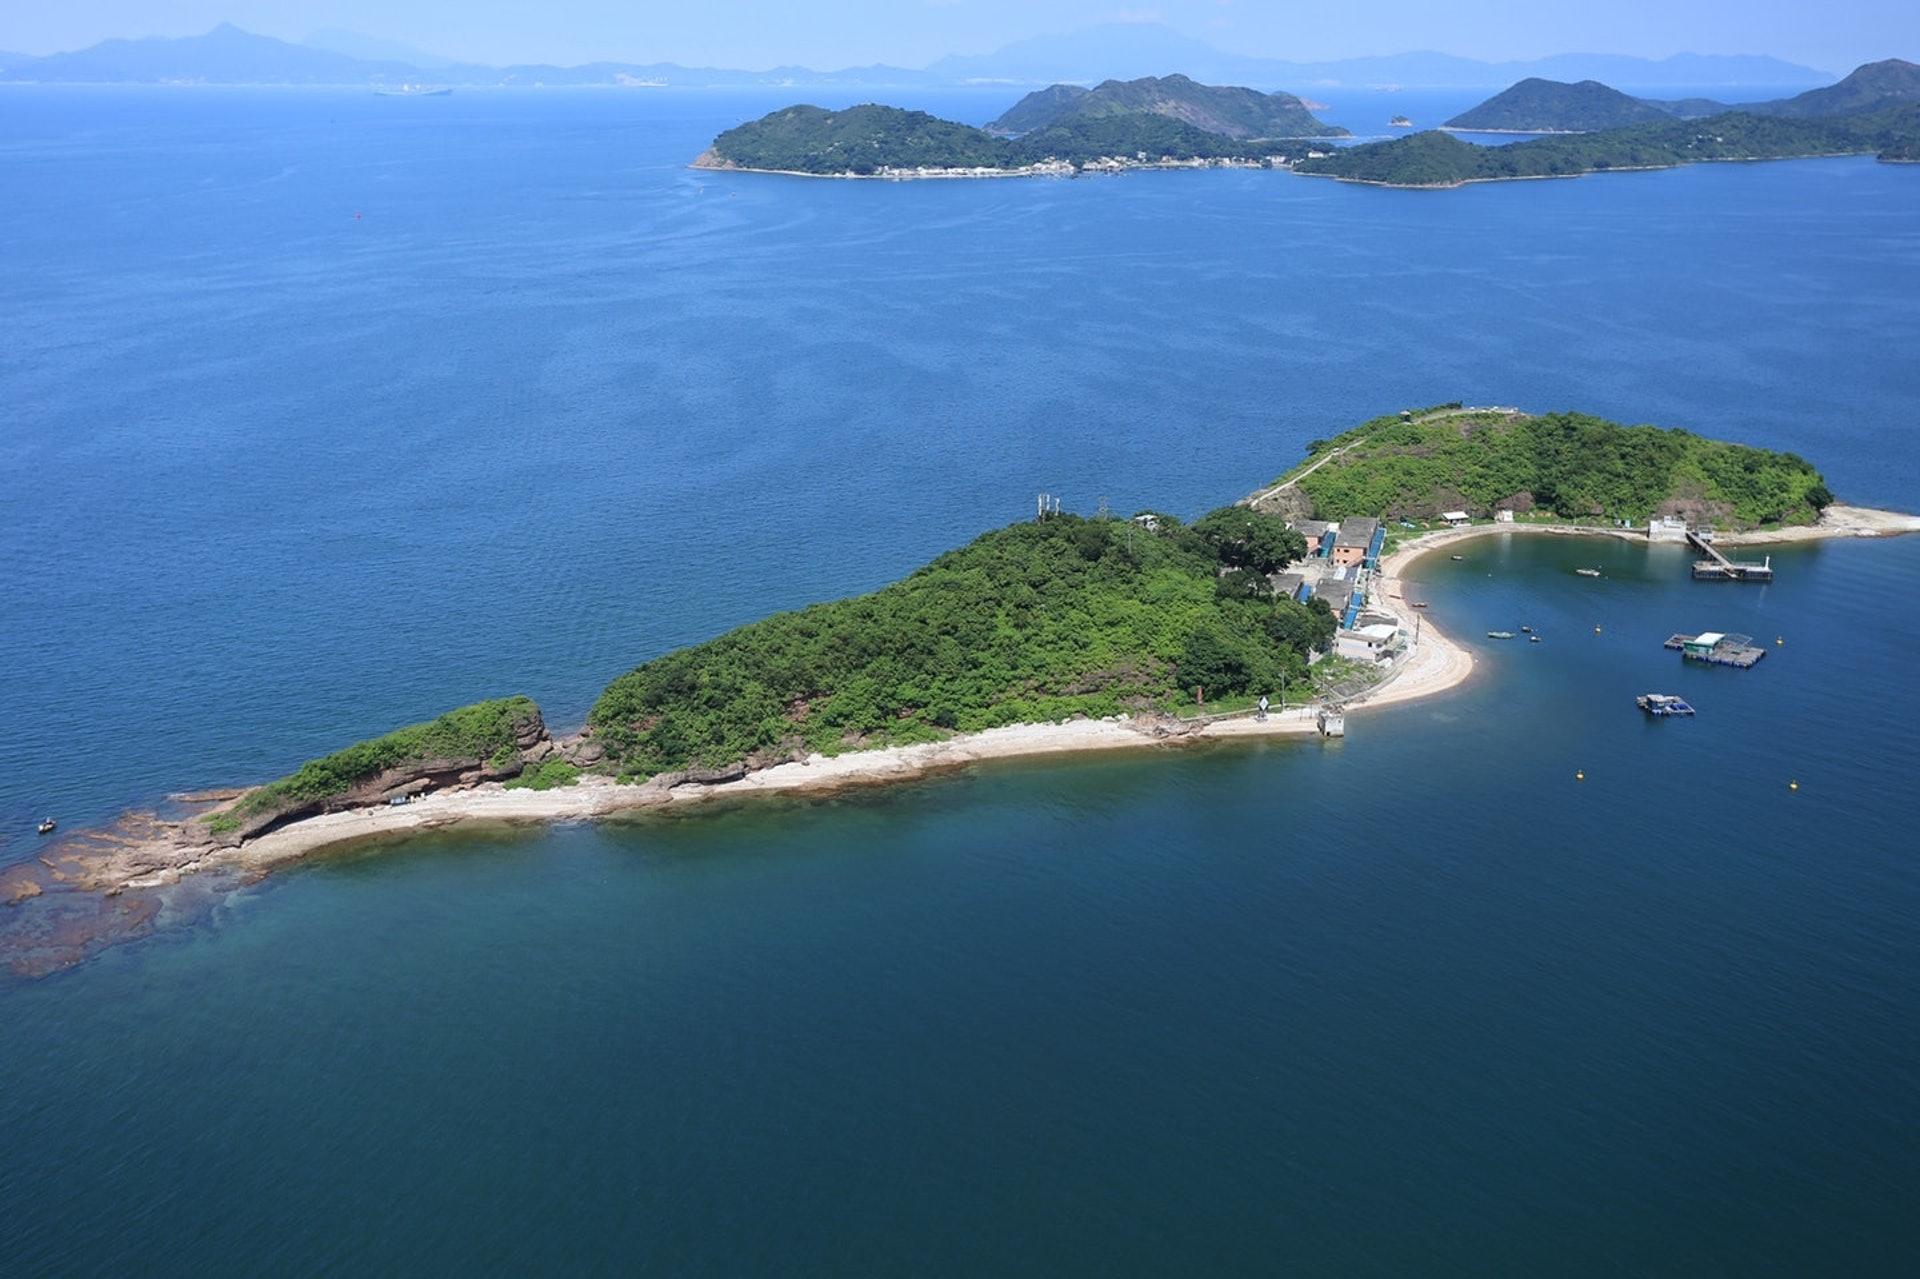 鴨洲因海島形狀像一隻鴨子伏在海上而得名。(資料圖片)